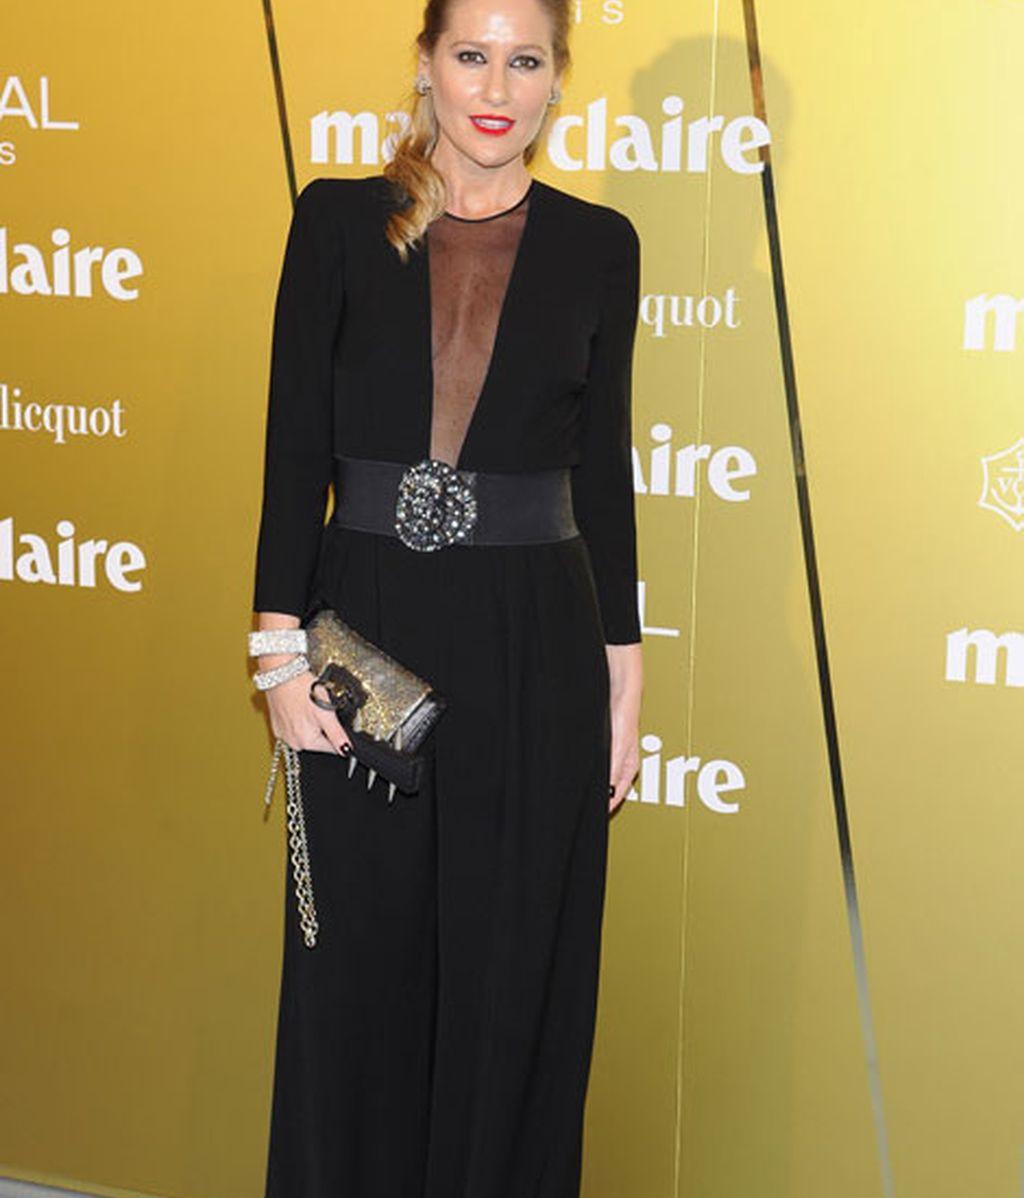 Fiona Ferrer eligió un elegante vestido de Thakoom